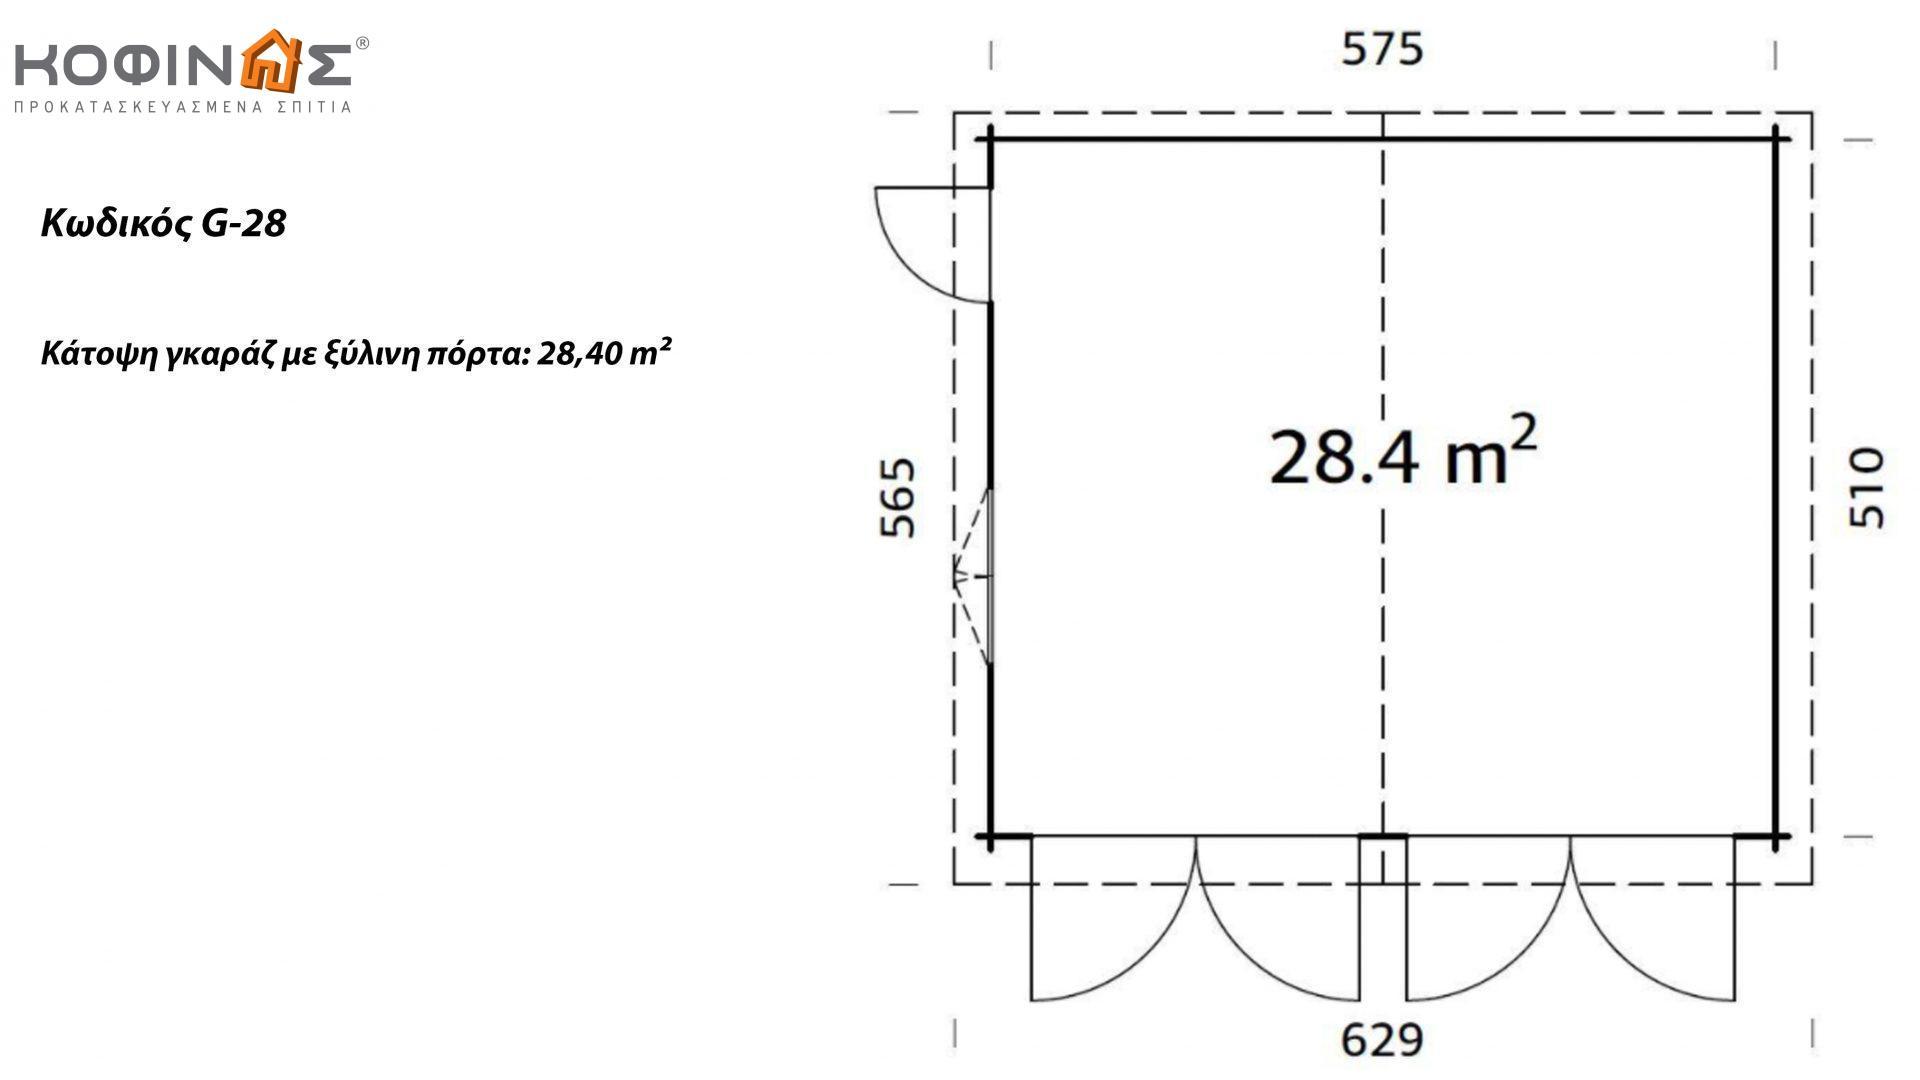 Γκαράζ G-28, συνολικής επιφάνειας 28.40 τ.μ.